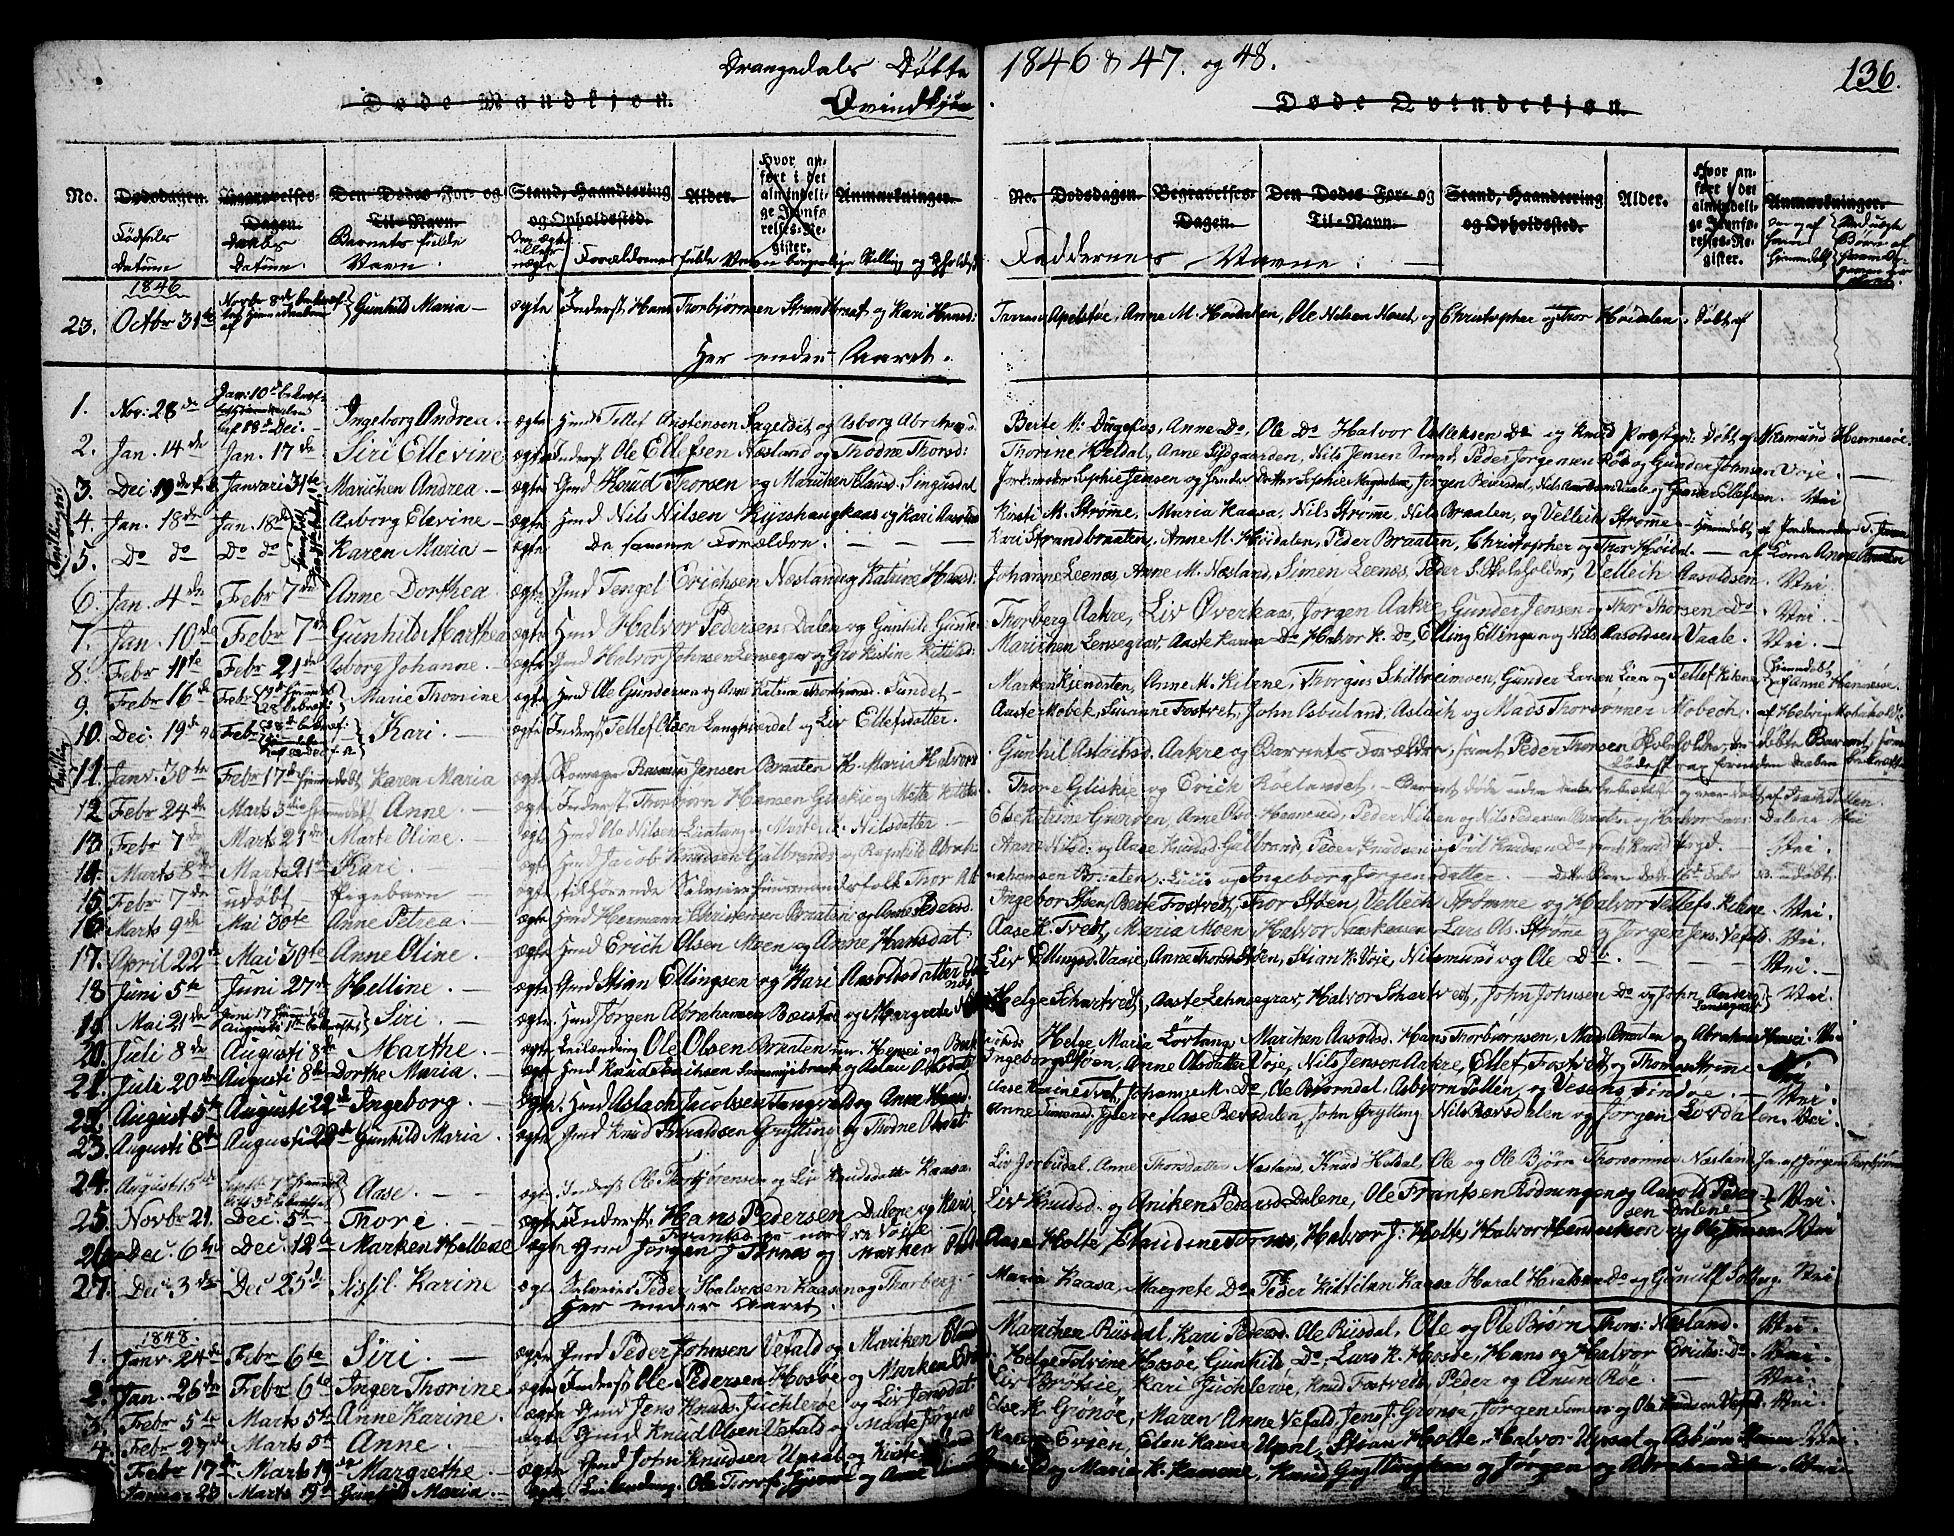 SAKO, Drangedal kirkebøker, G/Ga/L0001: Klokkerbok nr. I 1 /1, 1814-1856, s. 136